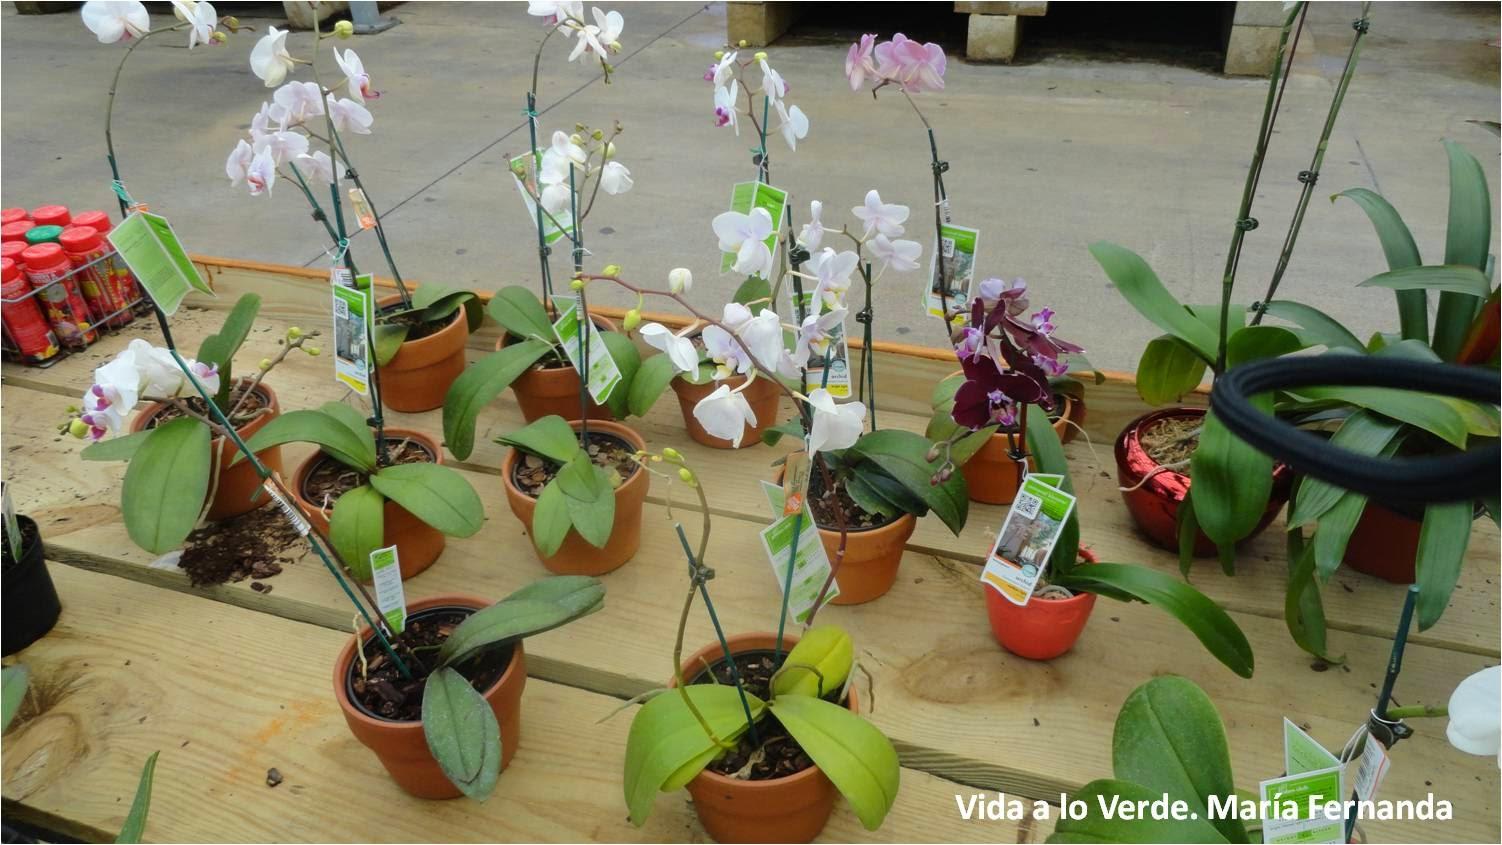 ¿Qué debo saber para cultivar orquídeas? Debo saber que existen tiendas o viveros especializados que venden las plantas en macetas o adheridas a troncos o